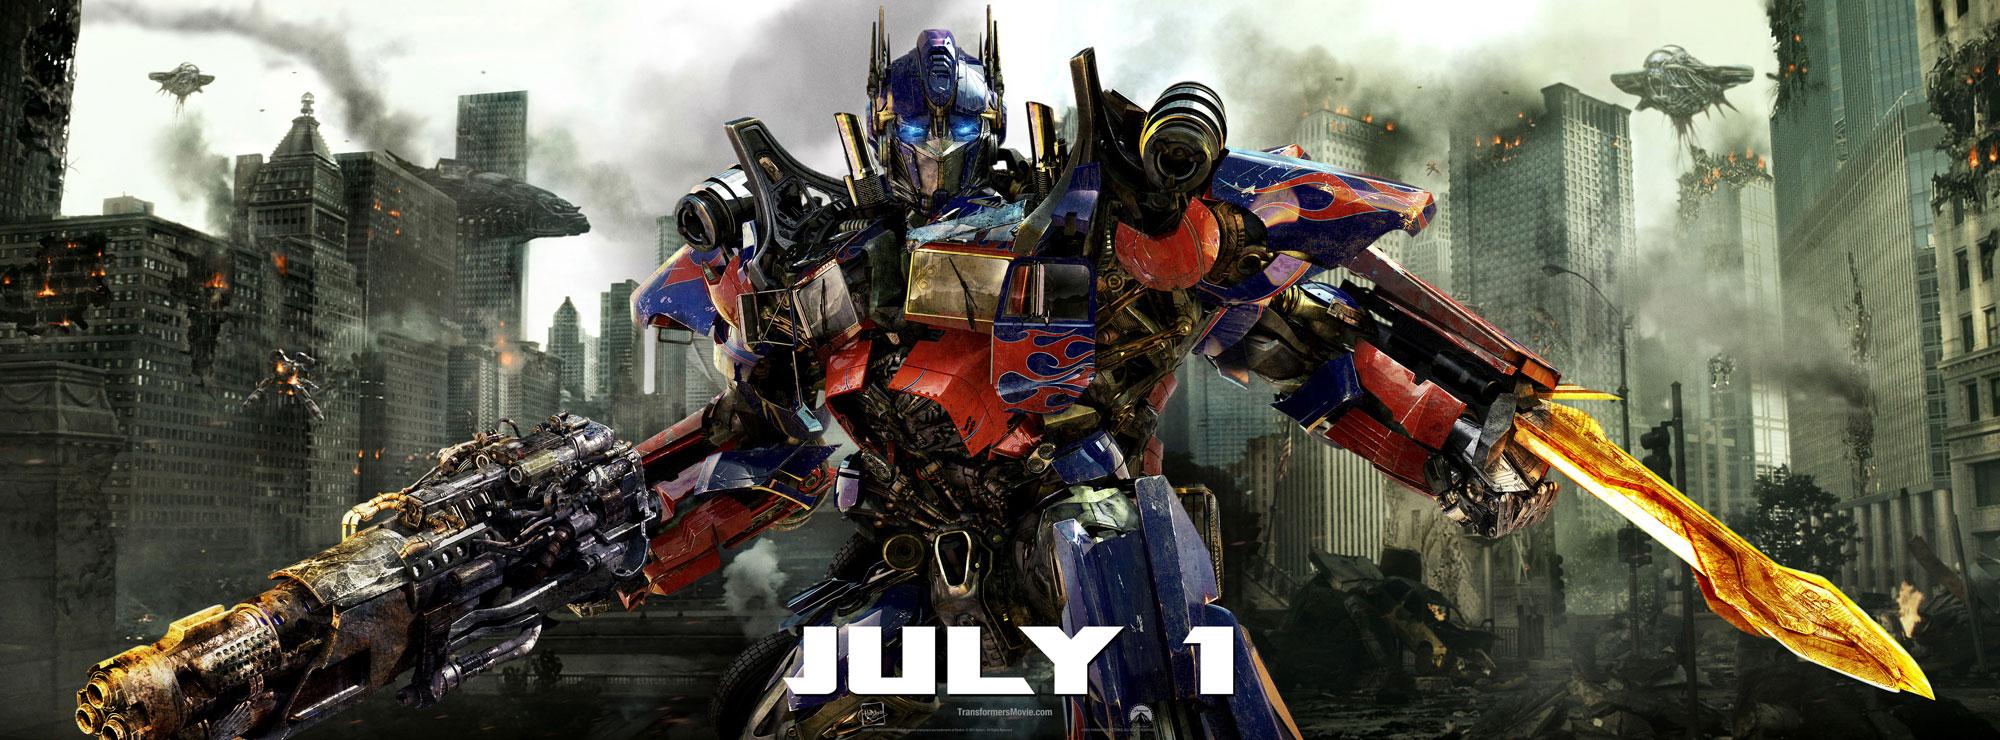 Optimos Prime en el banner de Transformers 3